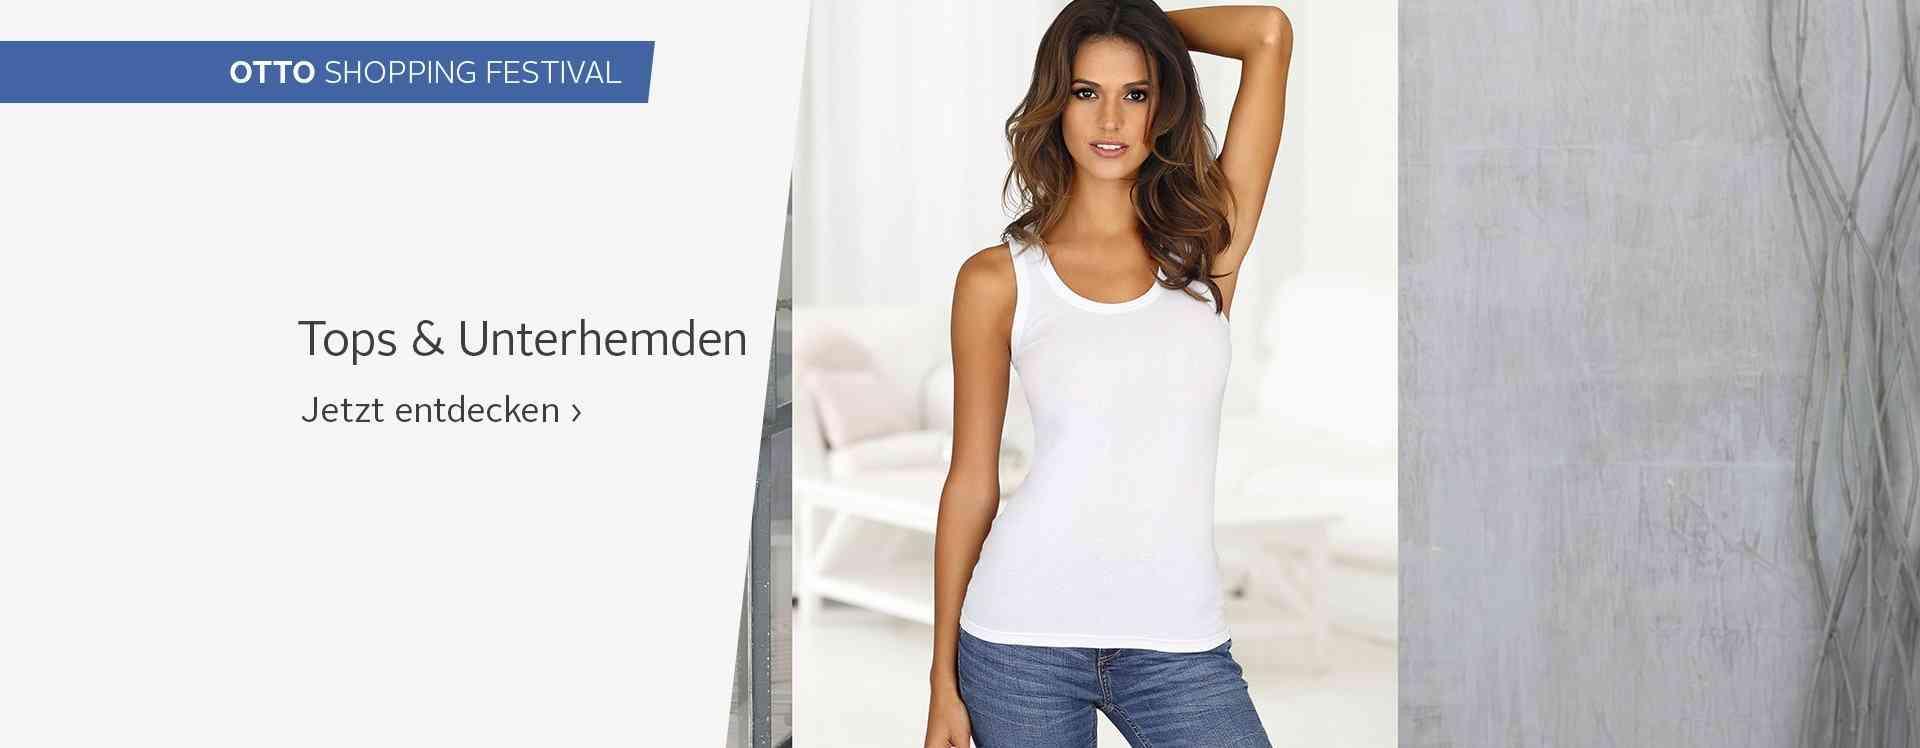 Unsere Unterhemden für Damen sorgen für ein angenehmes Tragegefühl. Langarm-, Kurzarmhemd oder Tops mit Spaghettiträgern von exclusiven Marken wie Lascana werden Sie begeistern.